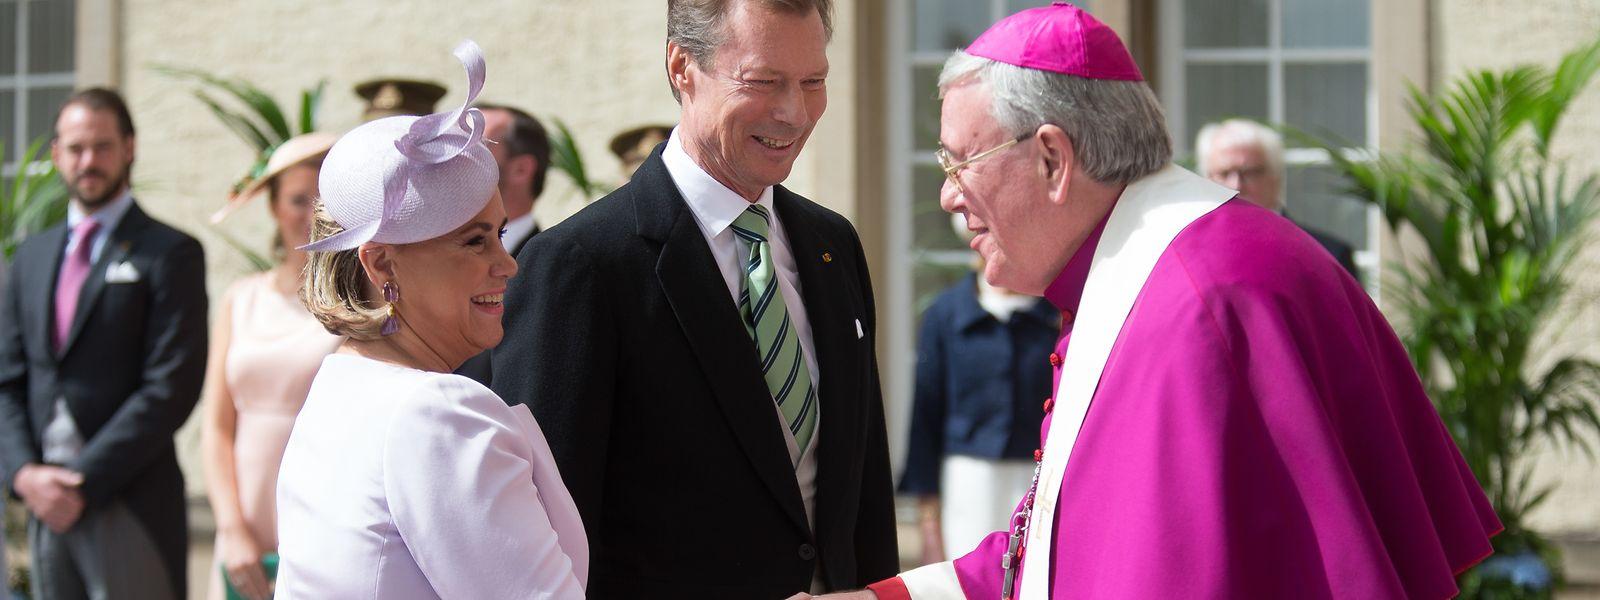 Das großherzogliche Paar bei seiner Ankunft auf dem Parvis der Kathedrale.